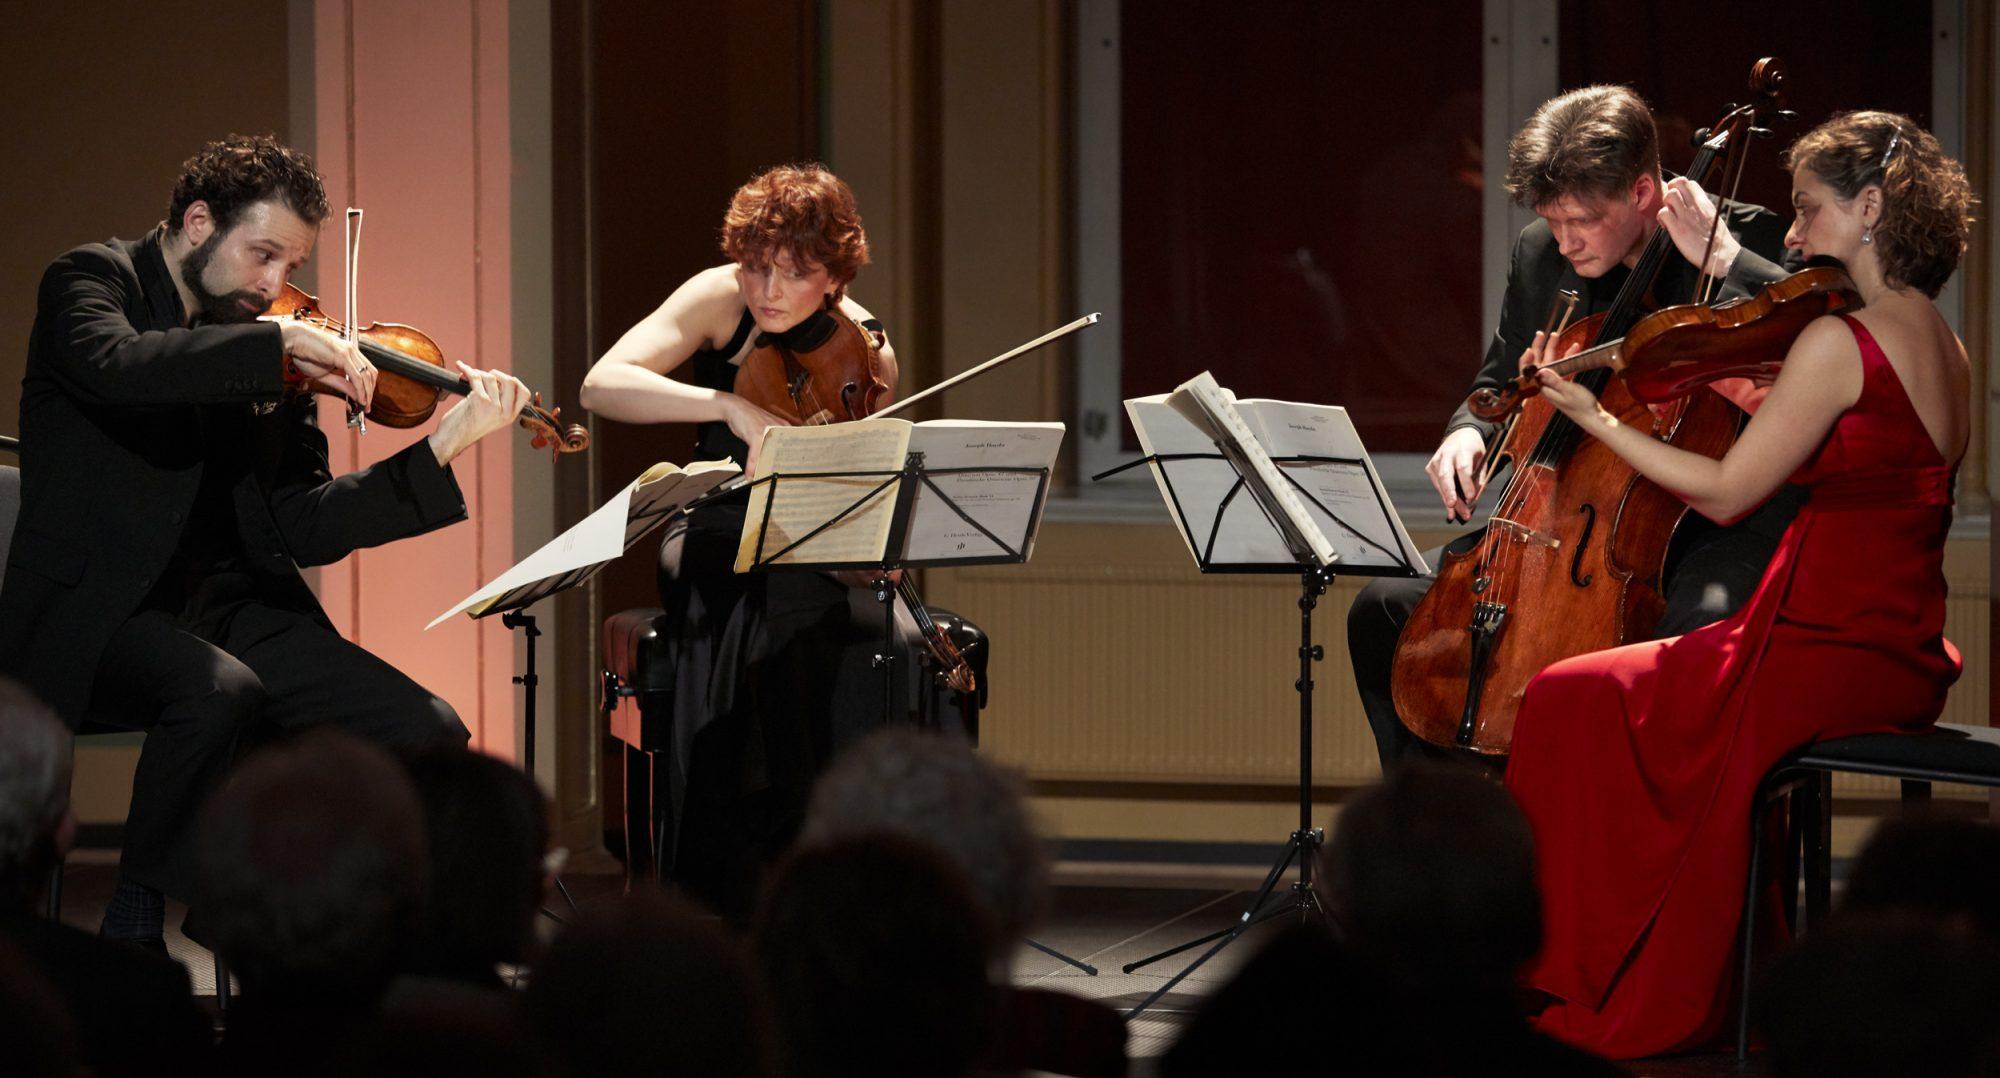 http://arkiv.klassiskmusikk.com/wp-content/uploads/2017/04/Gringolts-Quartet.jpg